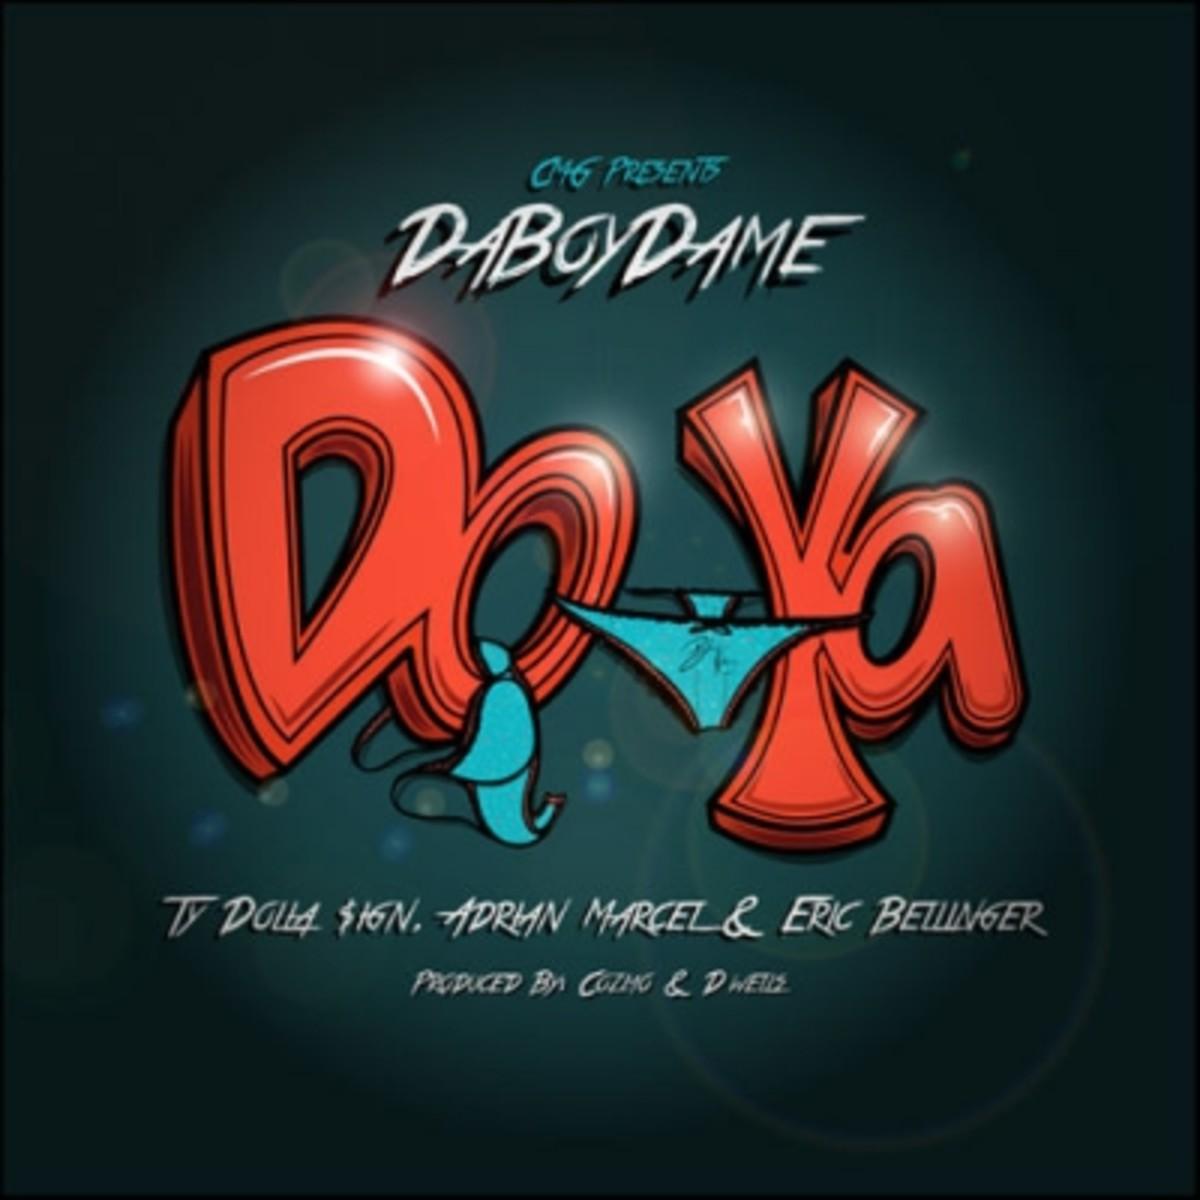 da-boy-dame-do-ya.jpg